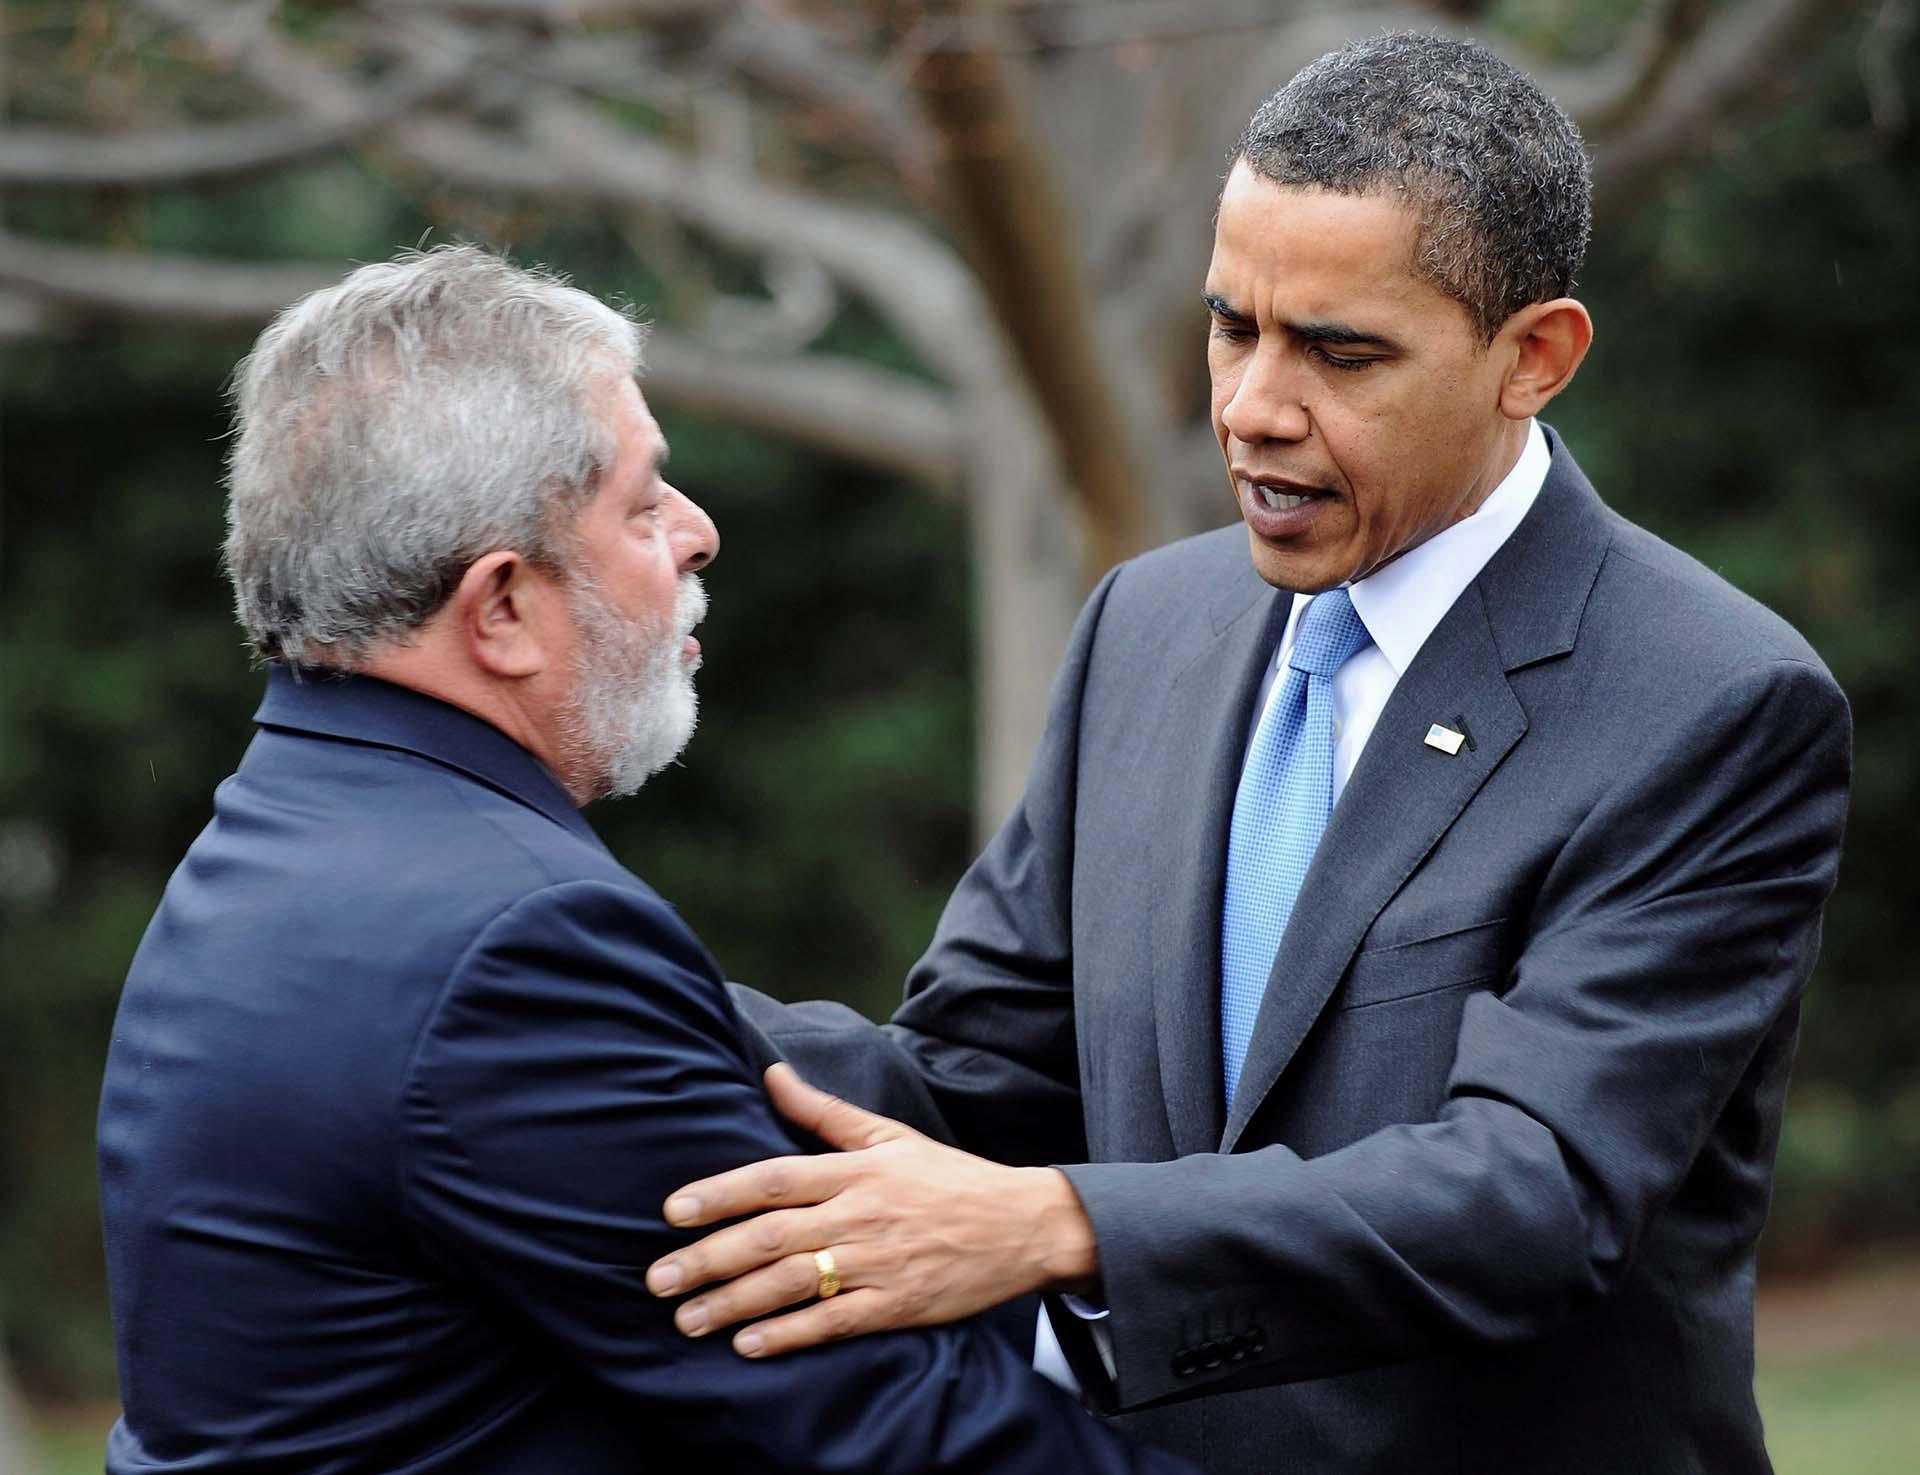 El 14 de marzo de 2009, a poco de haber asumido la presidencia de los Estados Unidos, Barack Obama recibió en la Casa Blanca a Lula da Silva(Reuters/Jonathan Ernst)